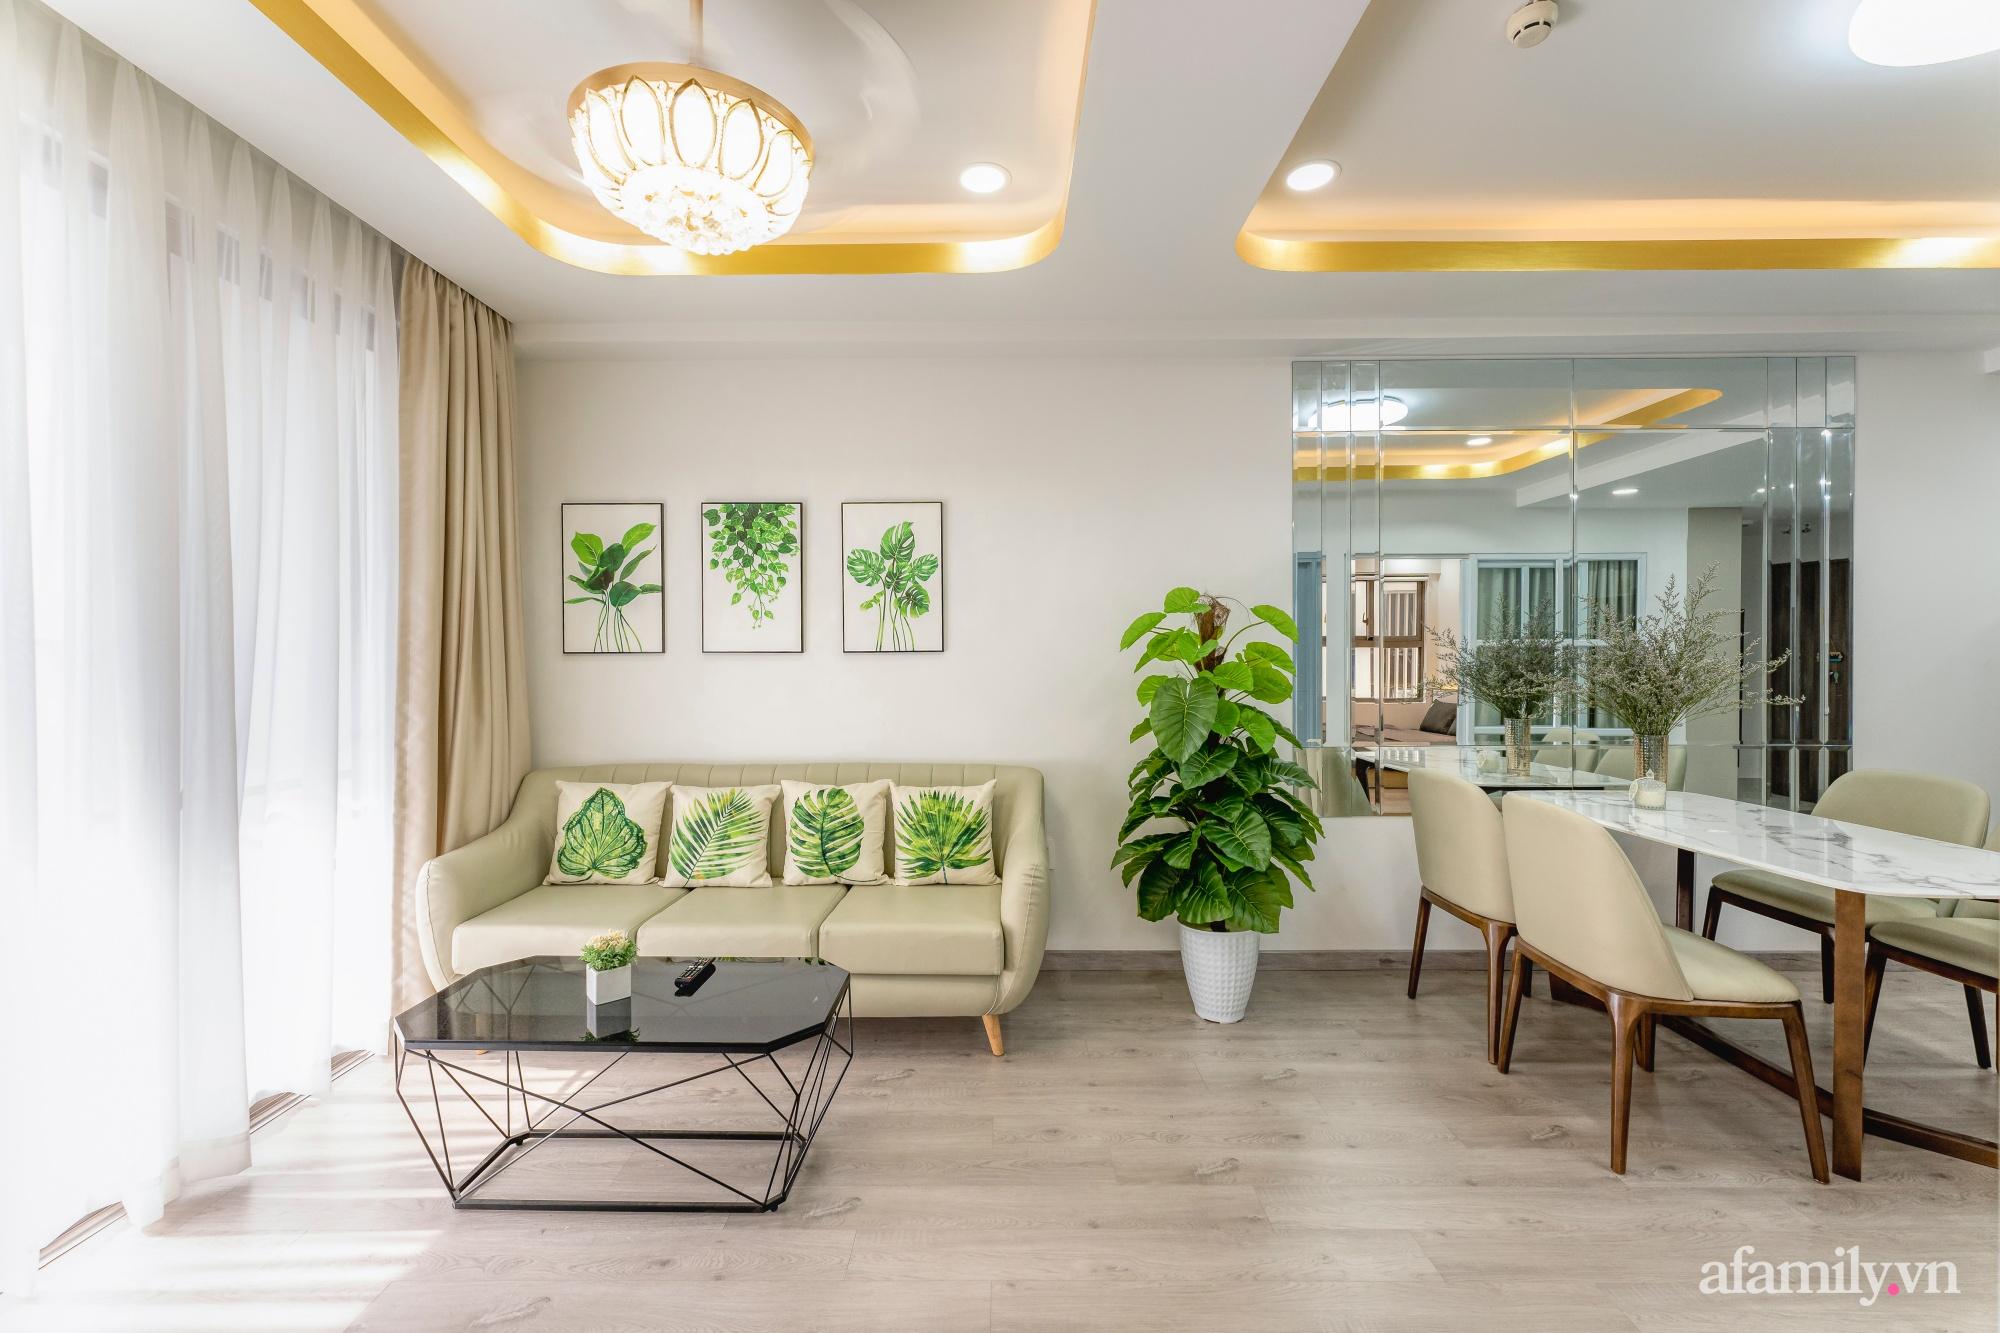 Căn hộ 70m² ghi điểm với không gian thoáng sáng cùng sắc màu gần gũi với thiên nhiên ở Sài Gòn - Ảnh 10.